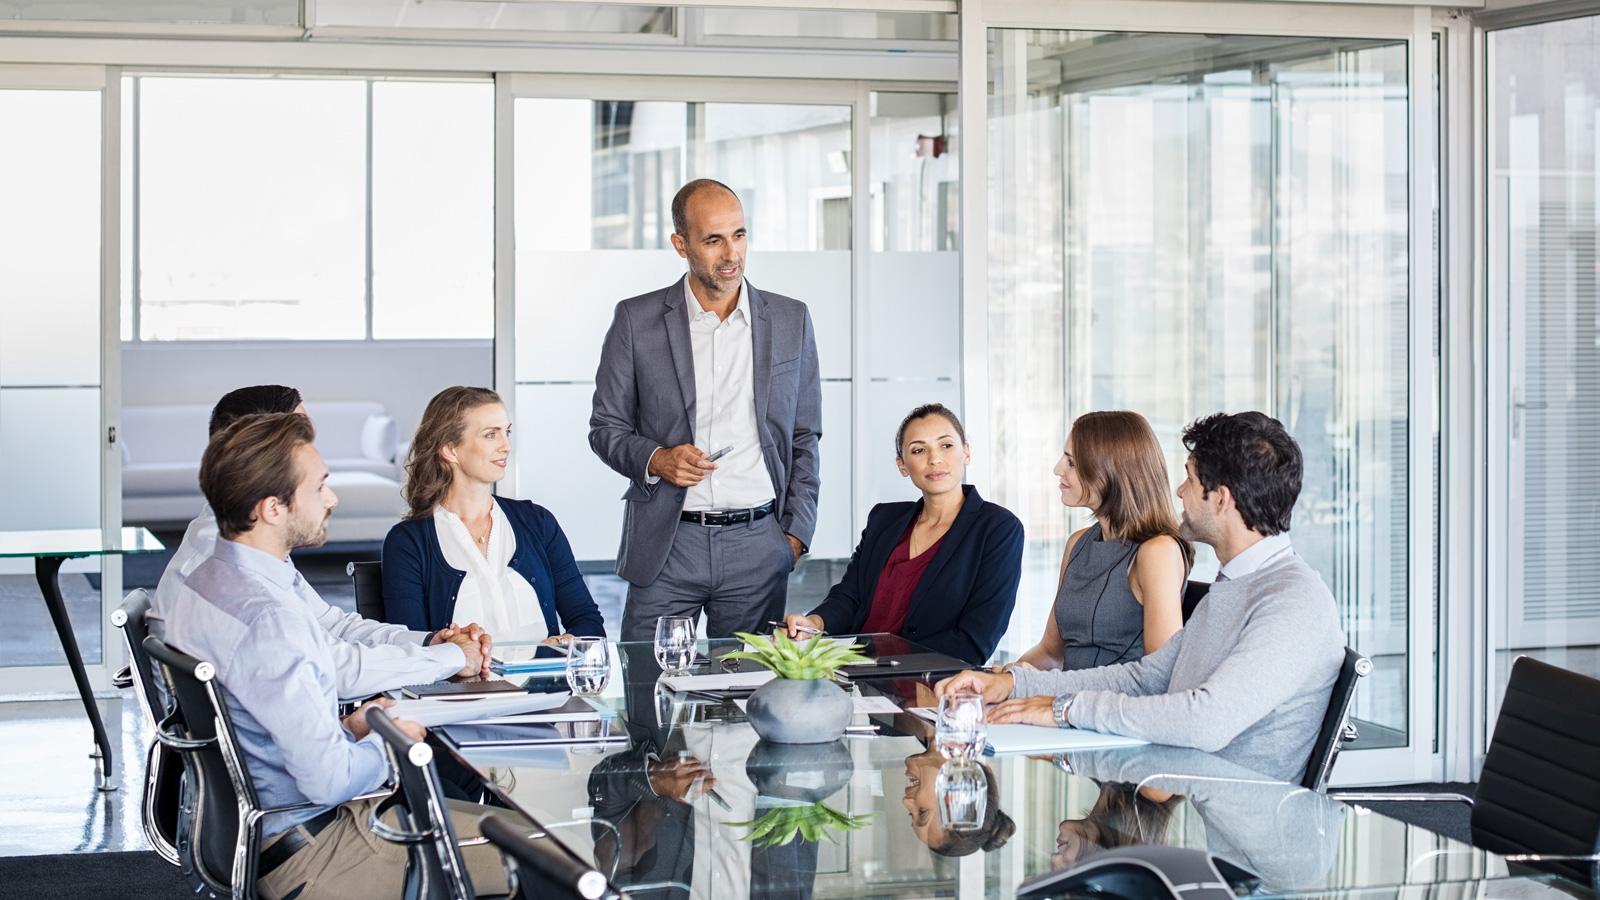 Siła feedbacku w procesie rekrutacyjnym Rekrutacja mediarun spotkanie feedback rekrutacja 2020